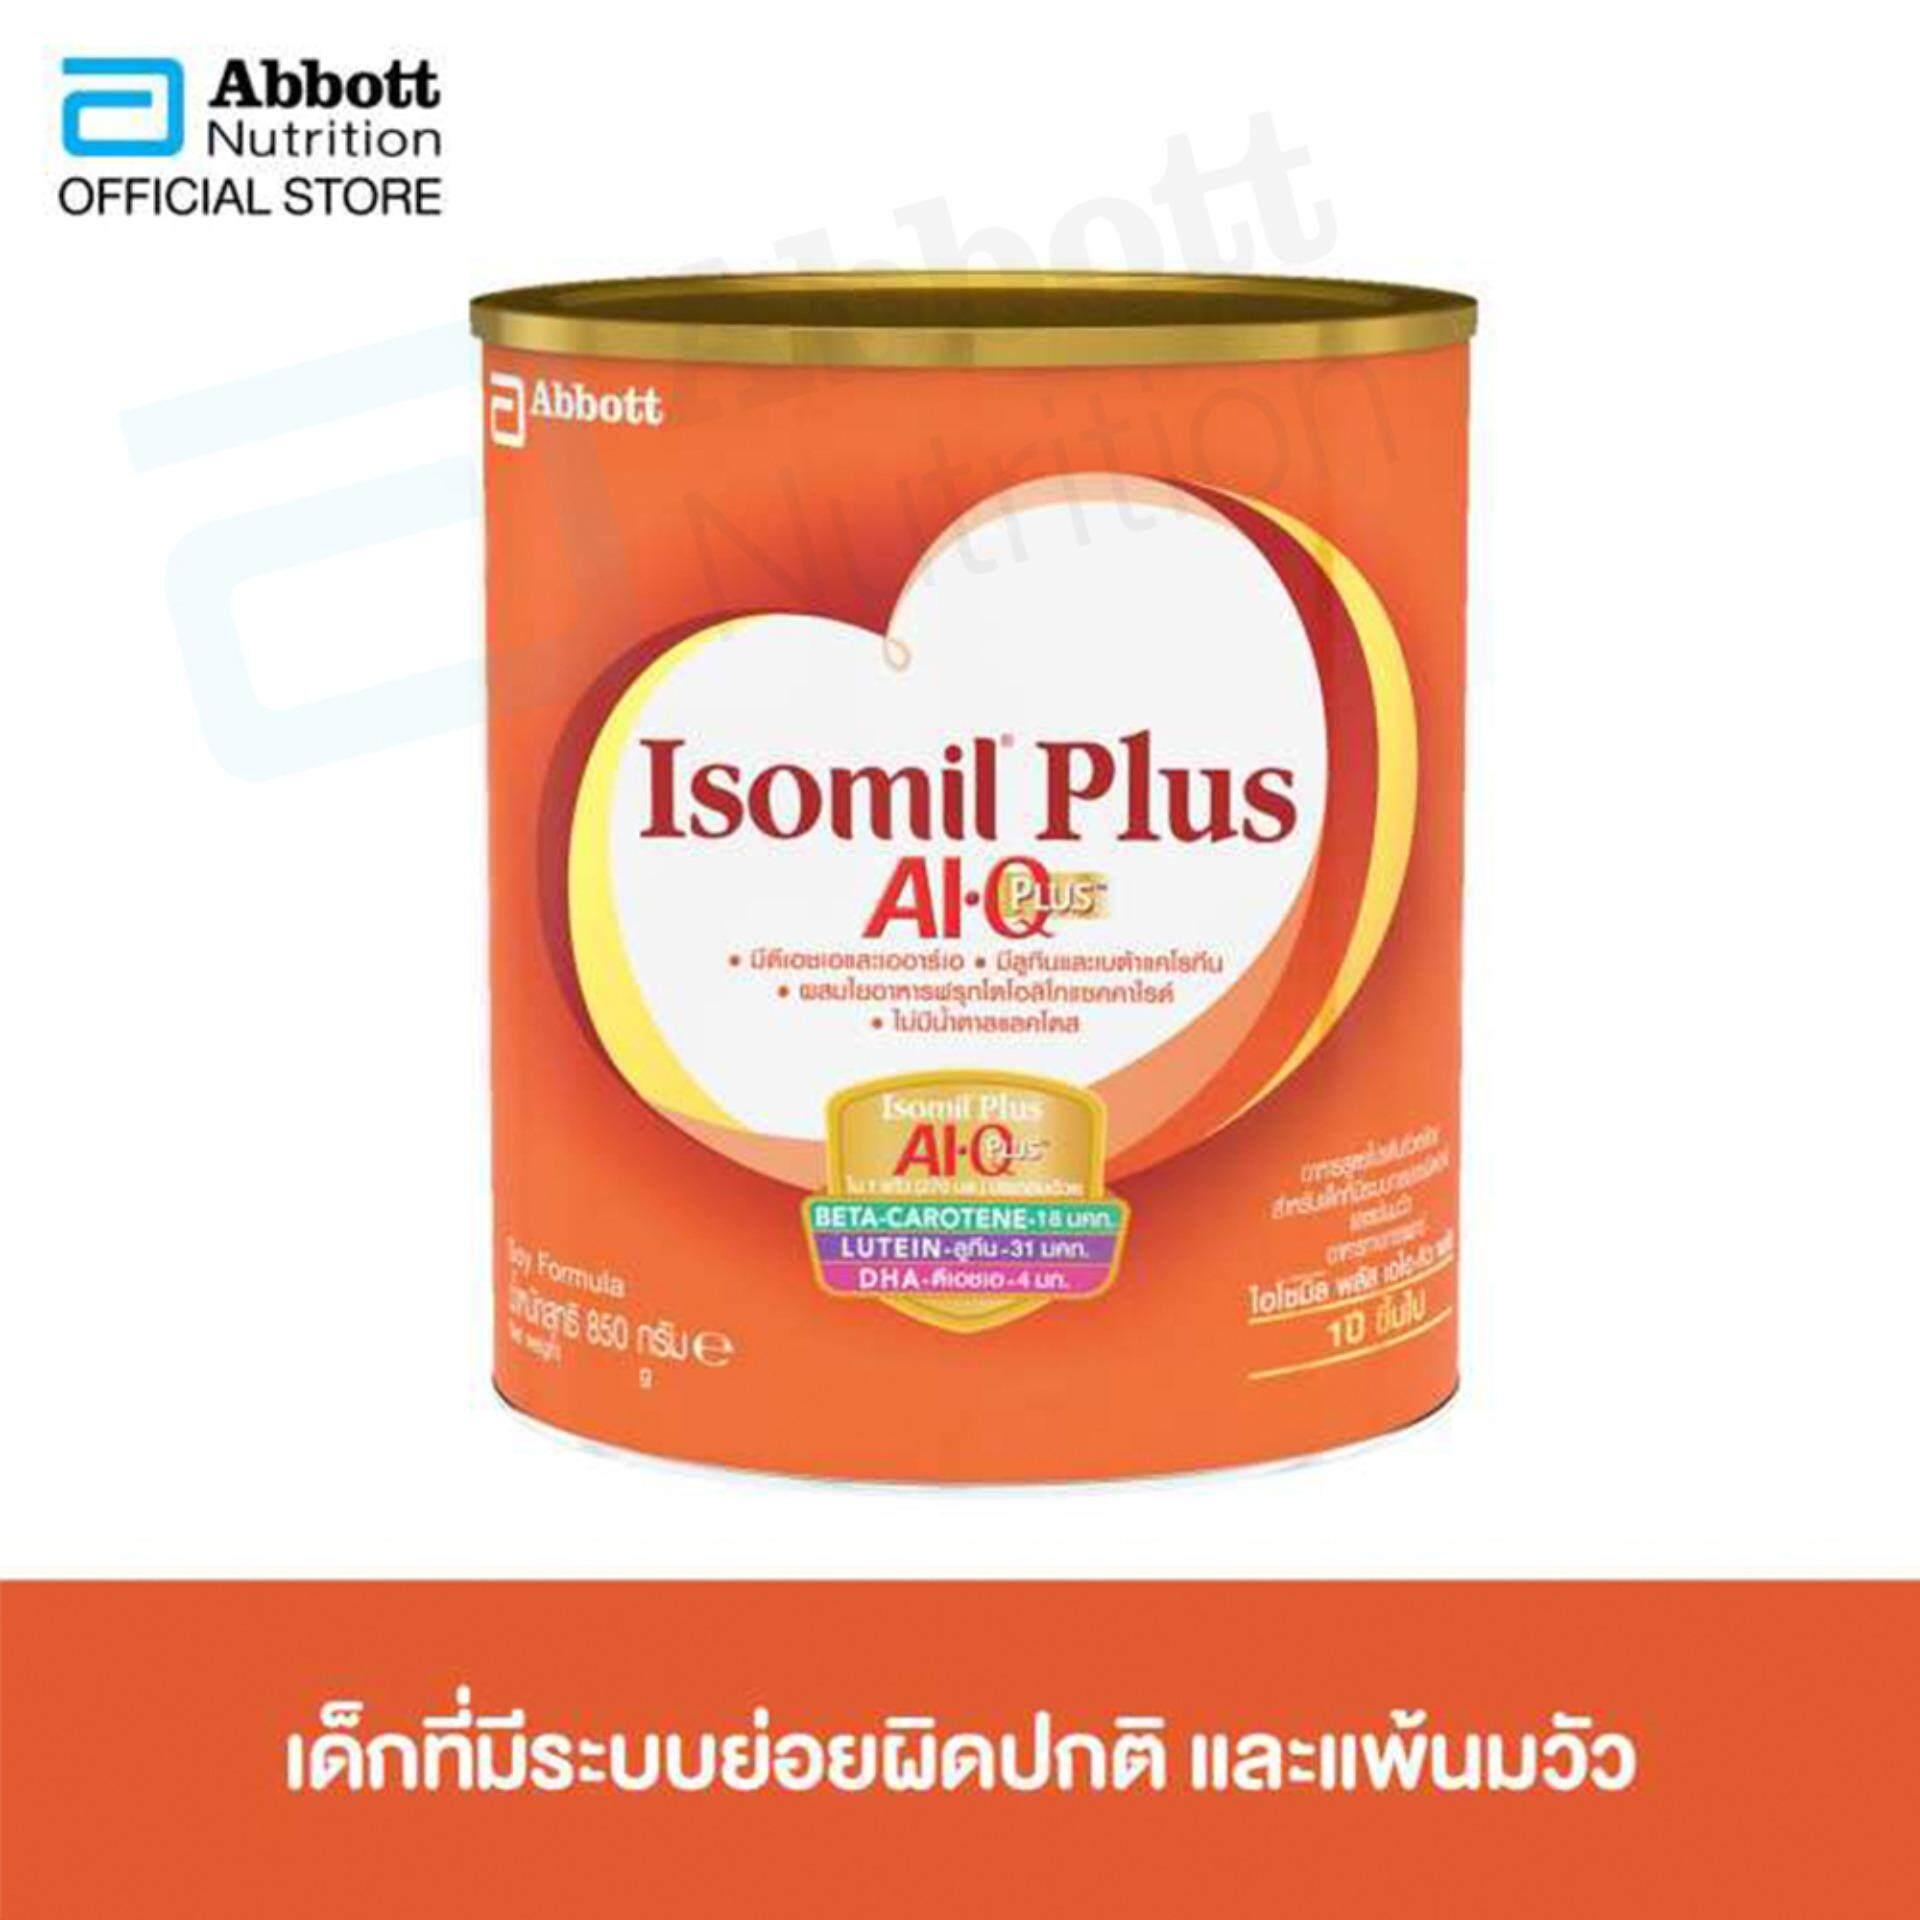 [ส่งฟรี] Isomil Plus AI Q Plus 850g ไอโซมิล พลัส เอไอ คิว พลัส 850 กรัม 1 กระป๋อง นมผงสูตรพิเศษ Special Milk Powder